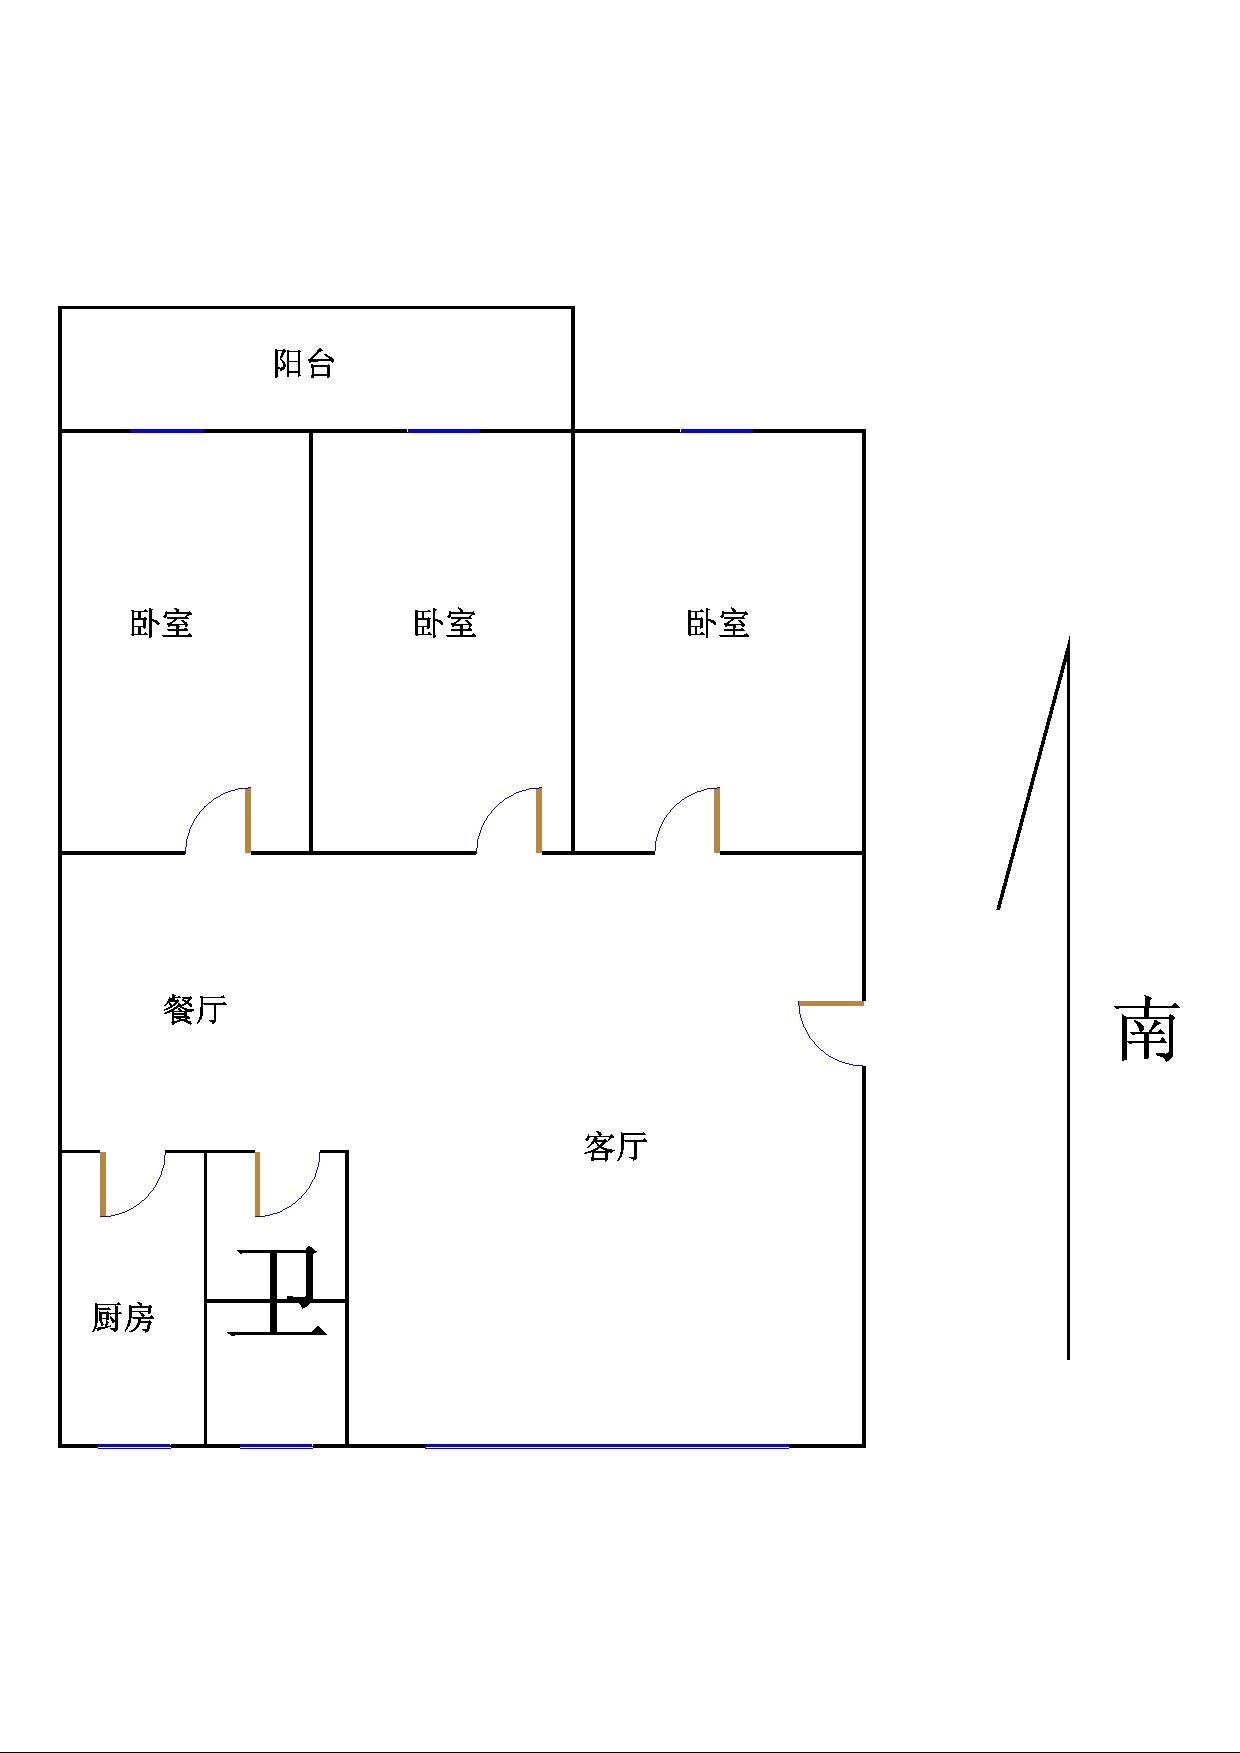 金光集团宿舍 3室2厅  简装 110万